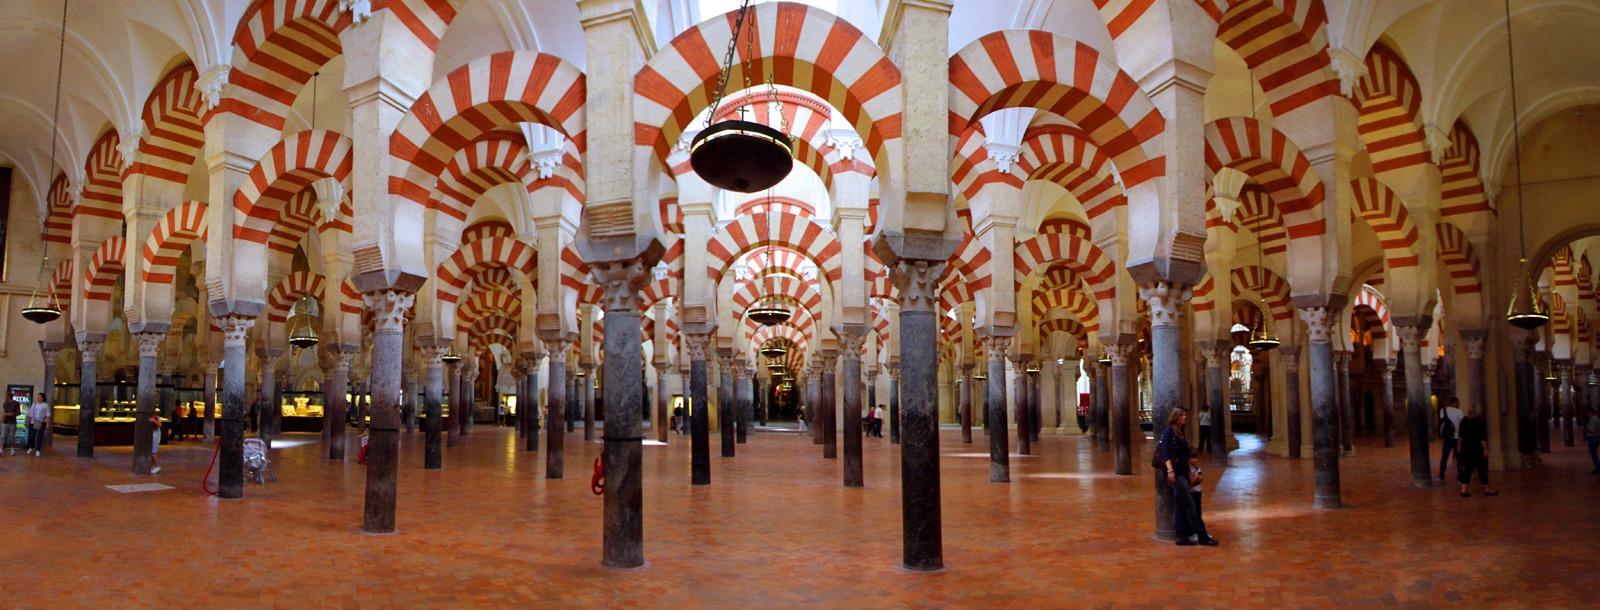 Mezquita interior: Cordoba, Spain